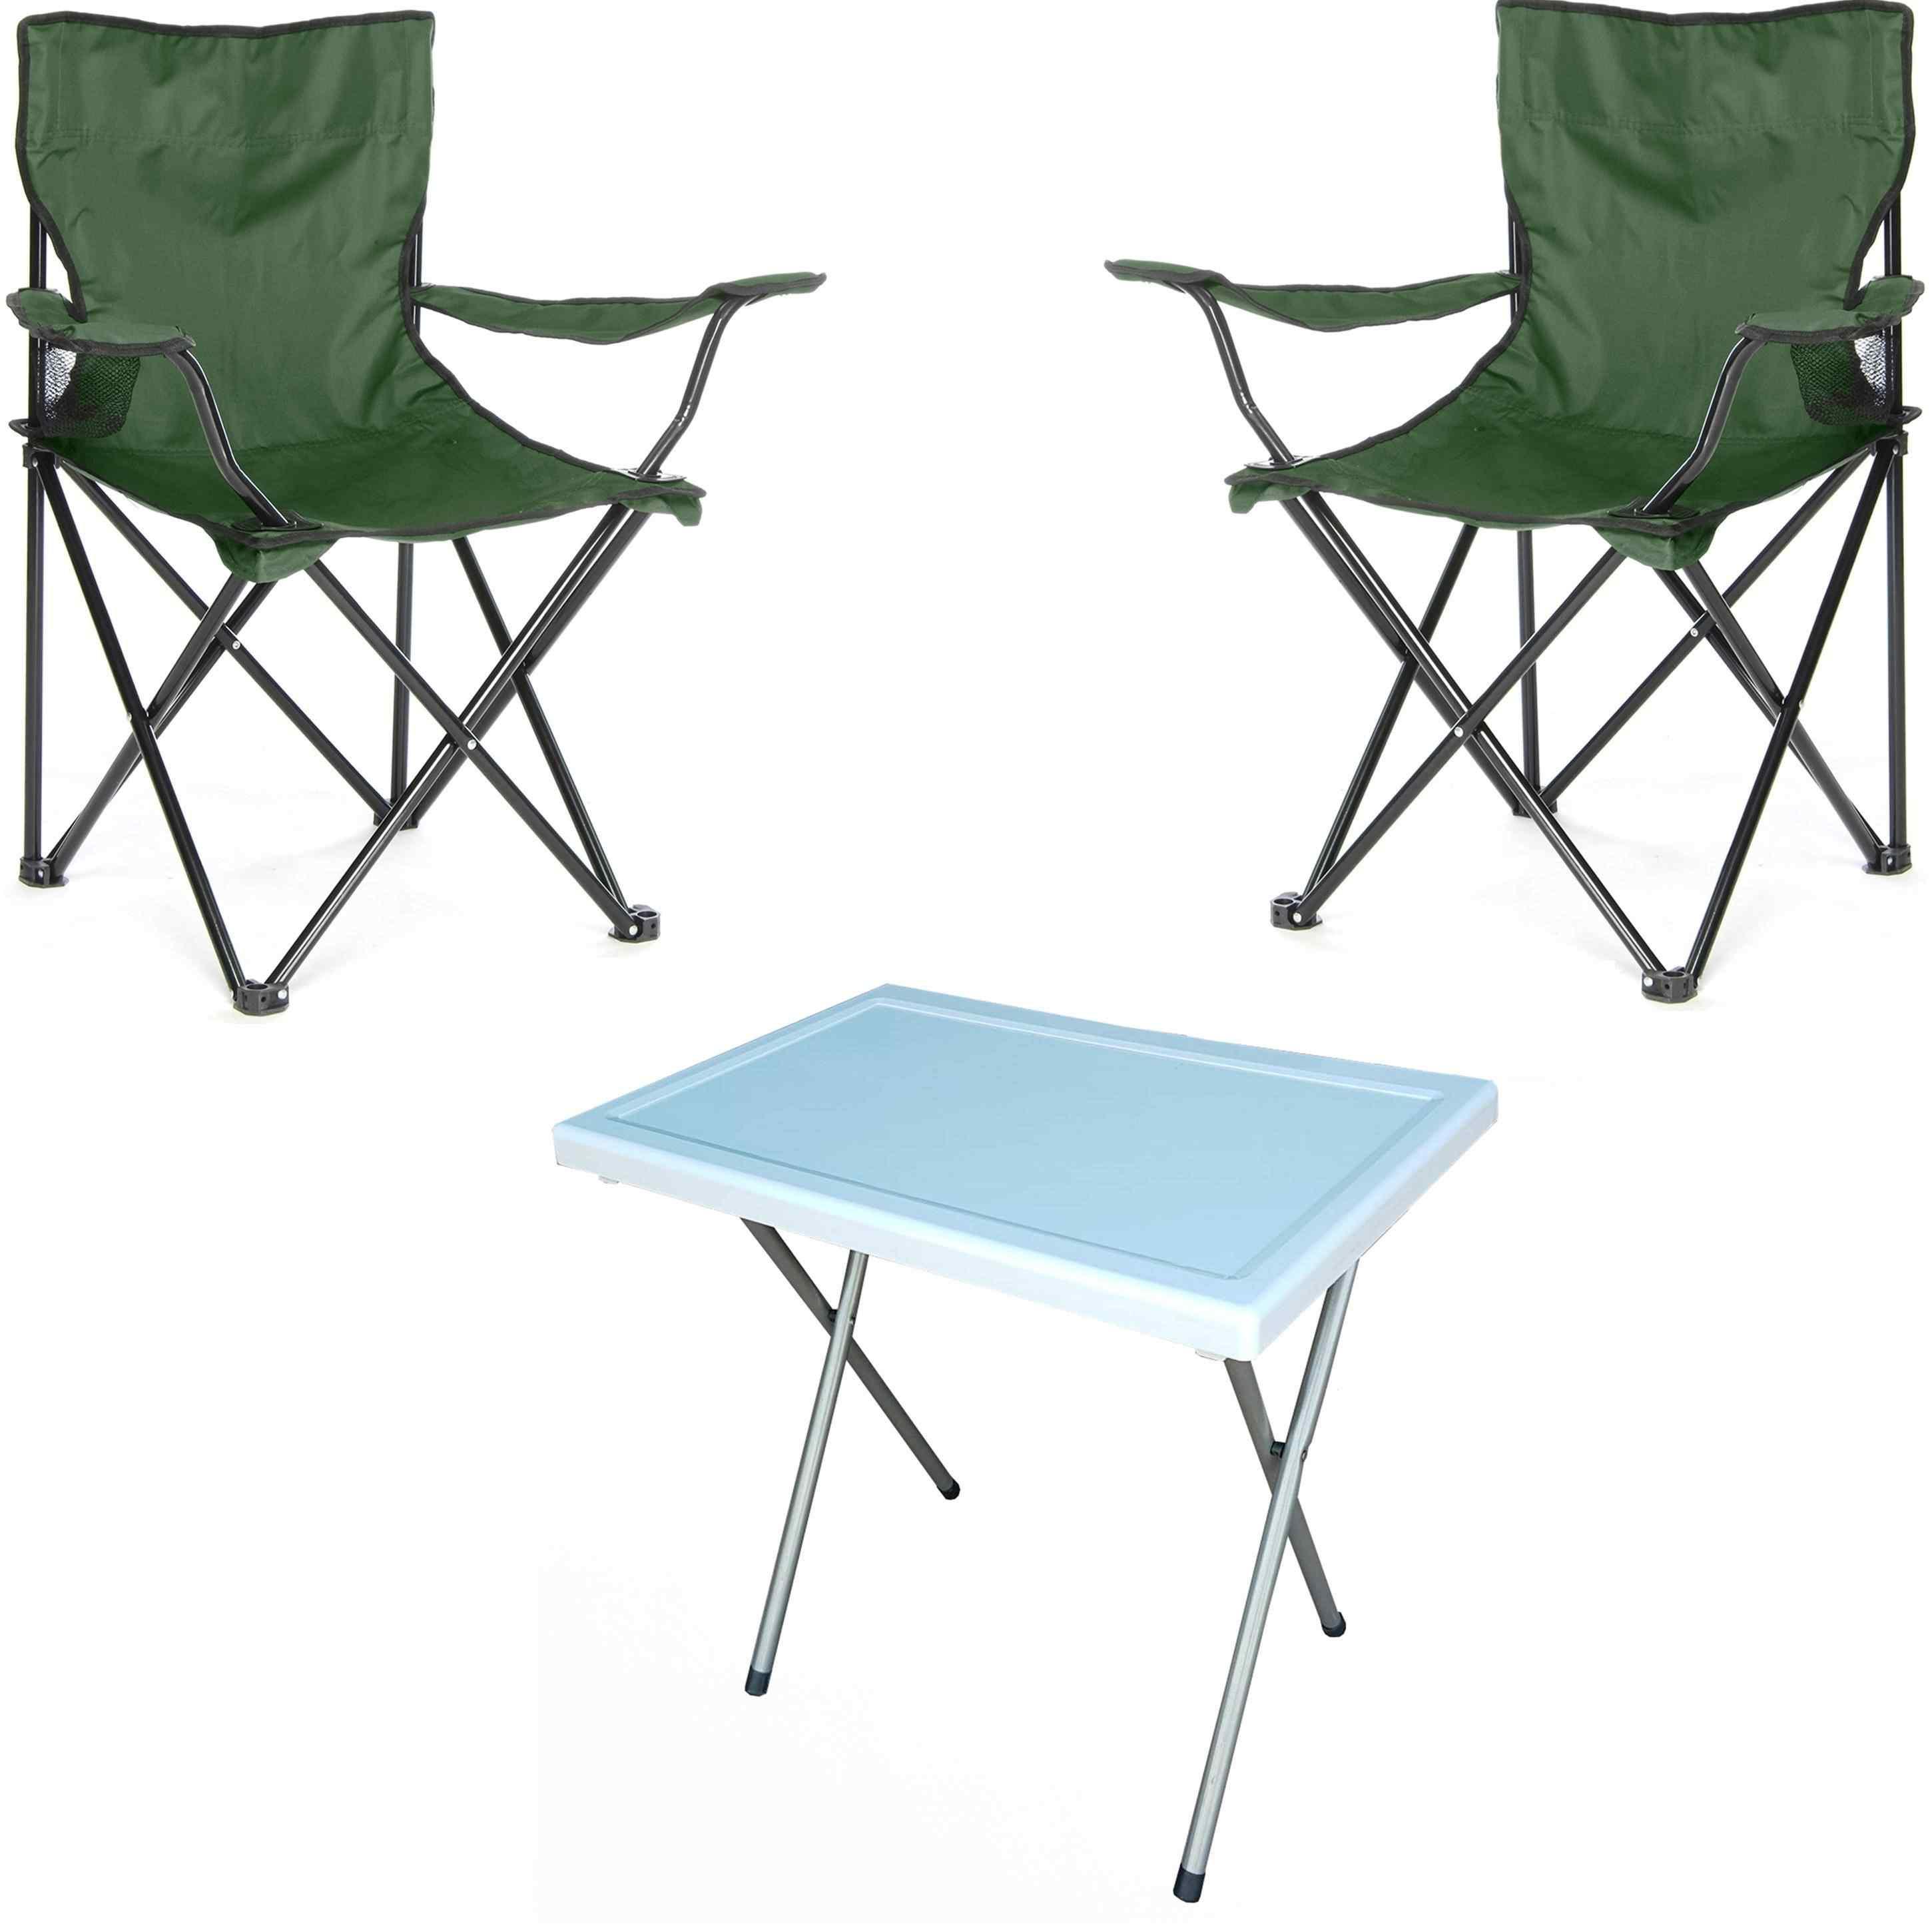 Beco Bahçe Sandalye Takımı Kamp Koltuk ve Masa Seti 2 + 1 K,Yeşi